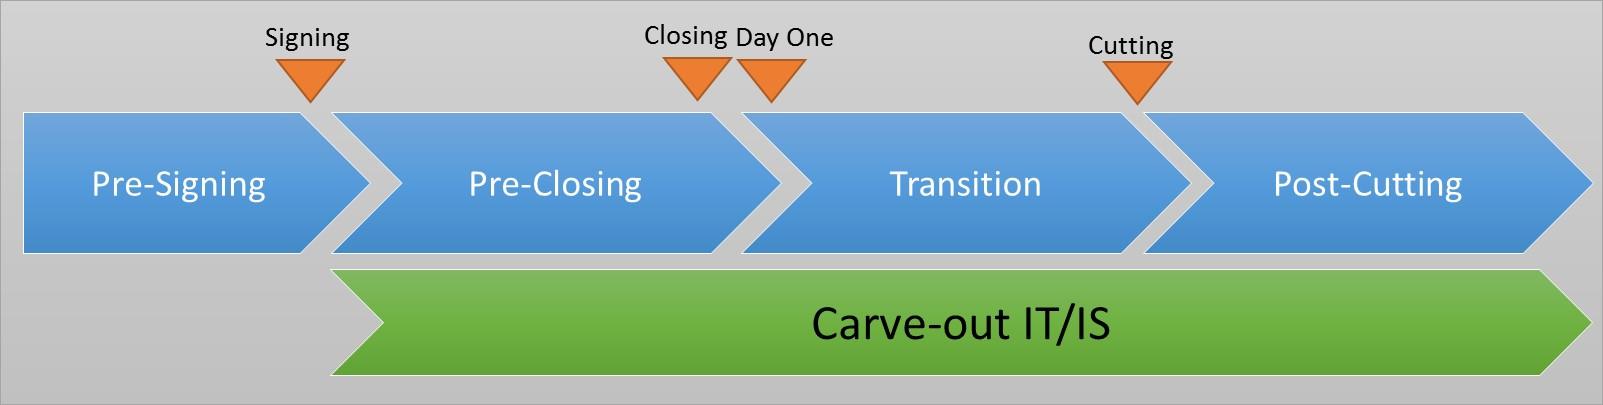 Carve out Les bonnes pratiques du Carve out IT/IS